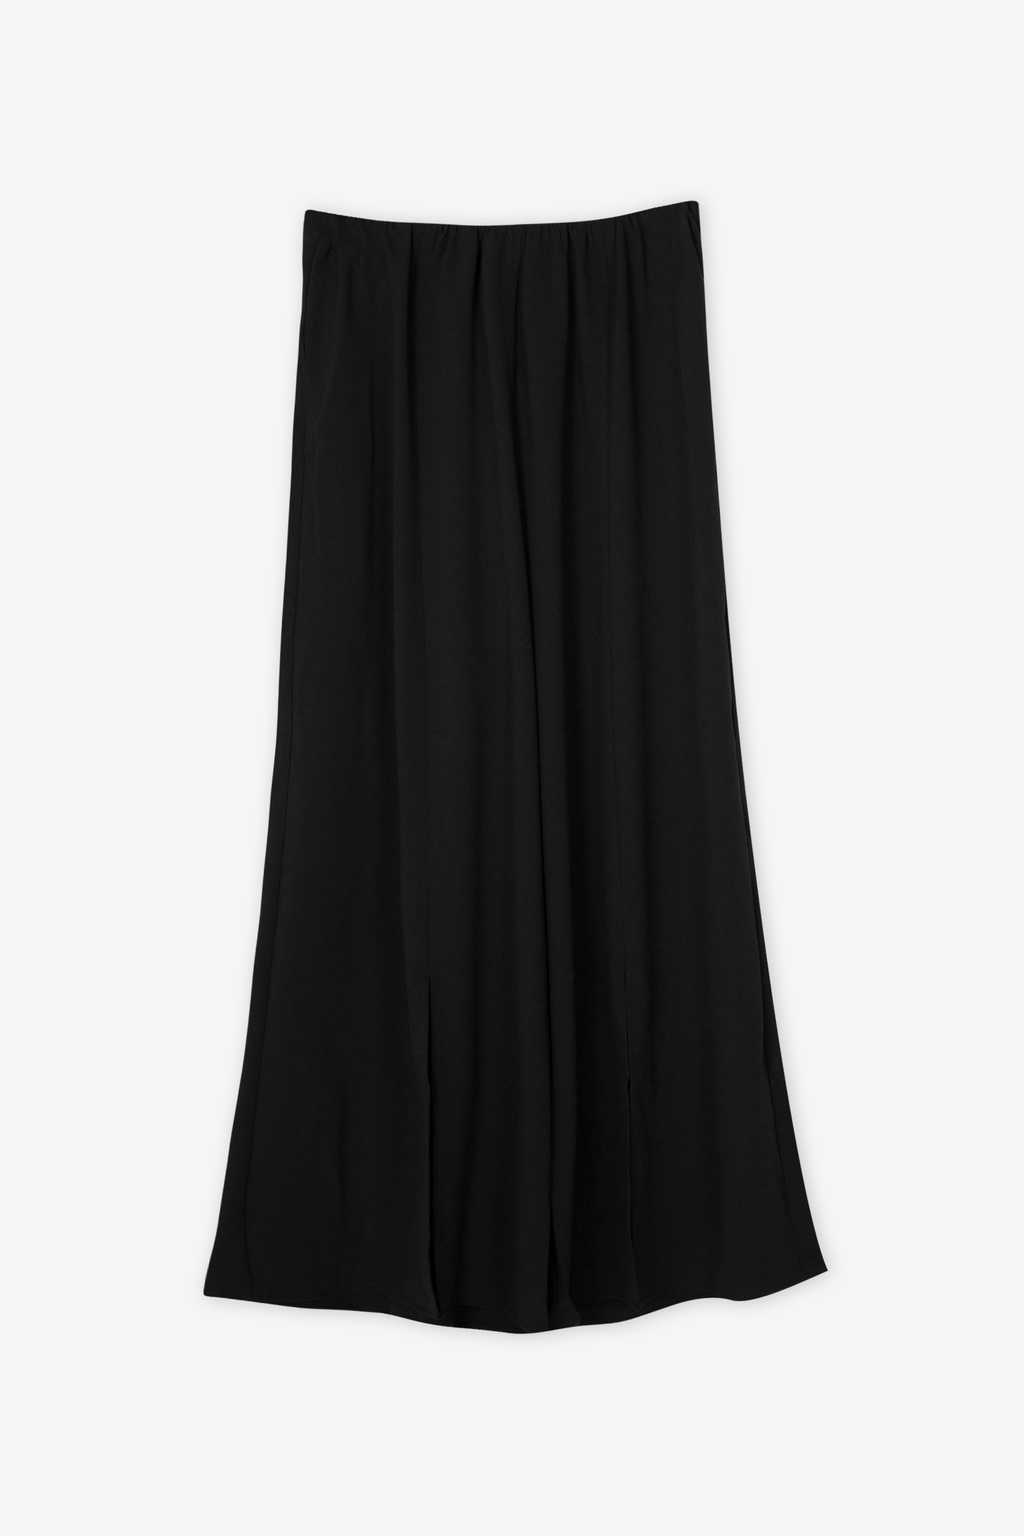 New Pant 1392 Black 11